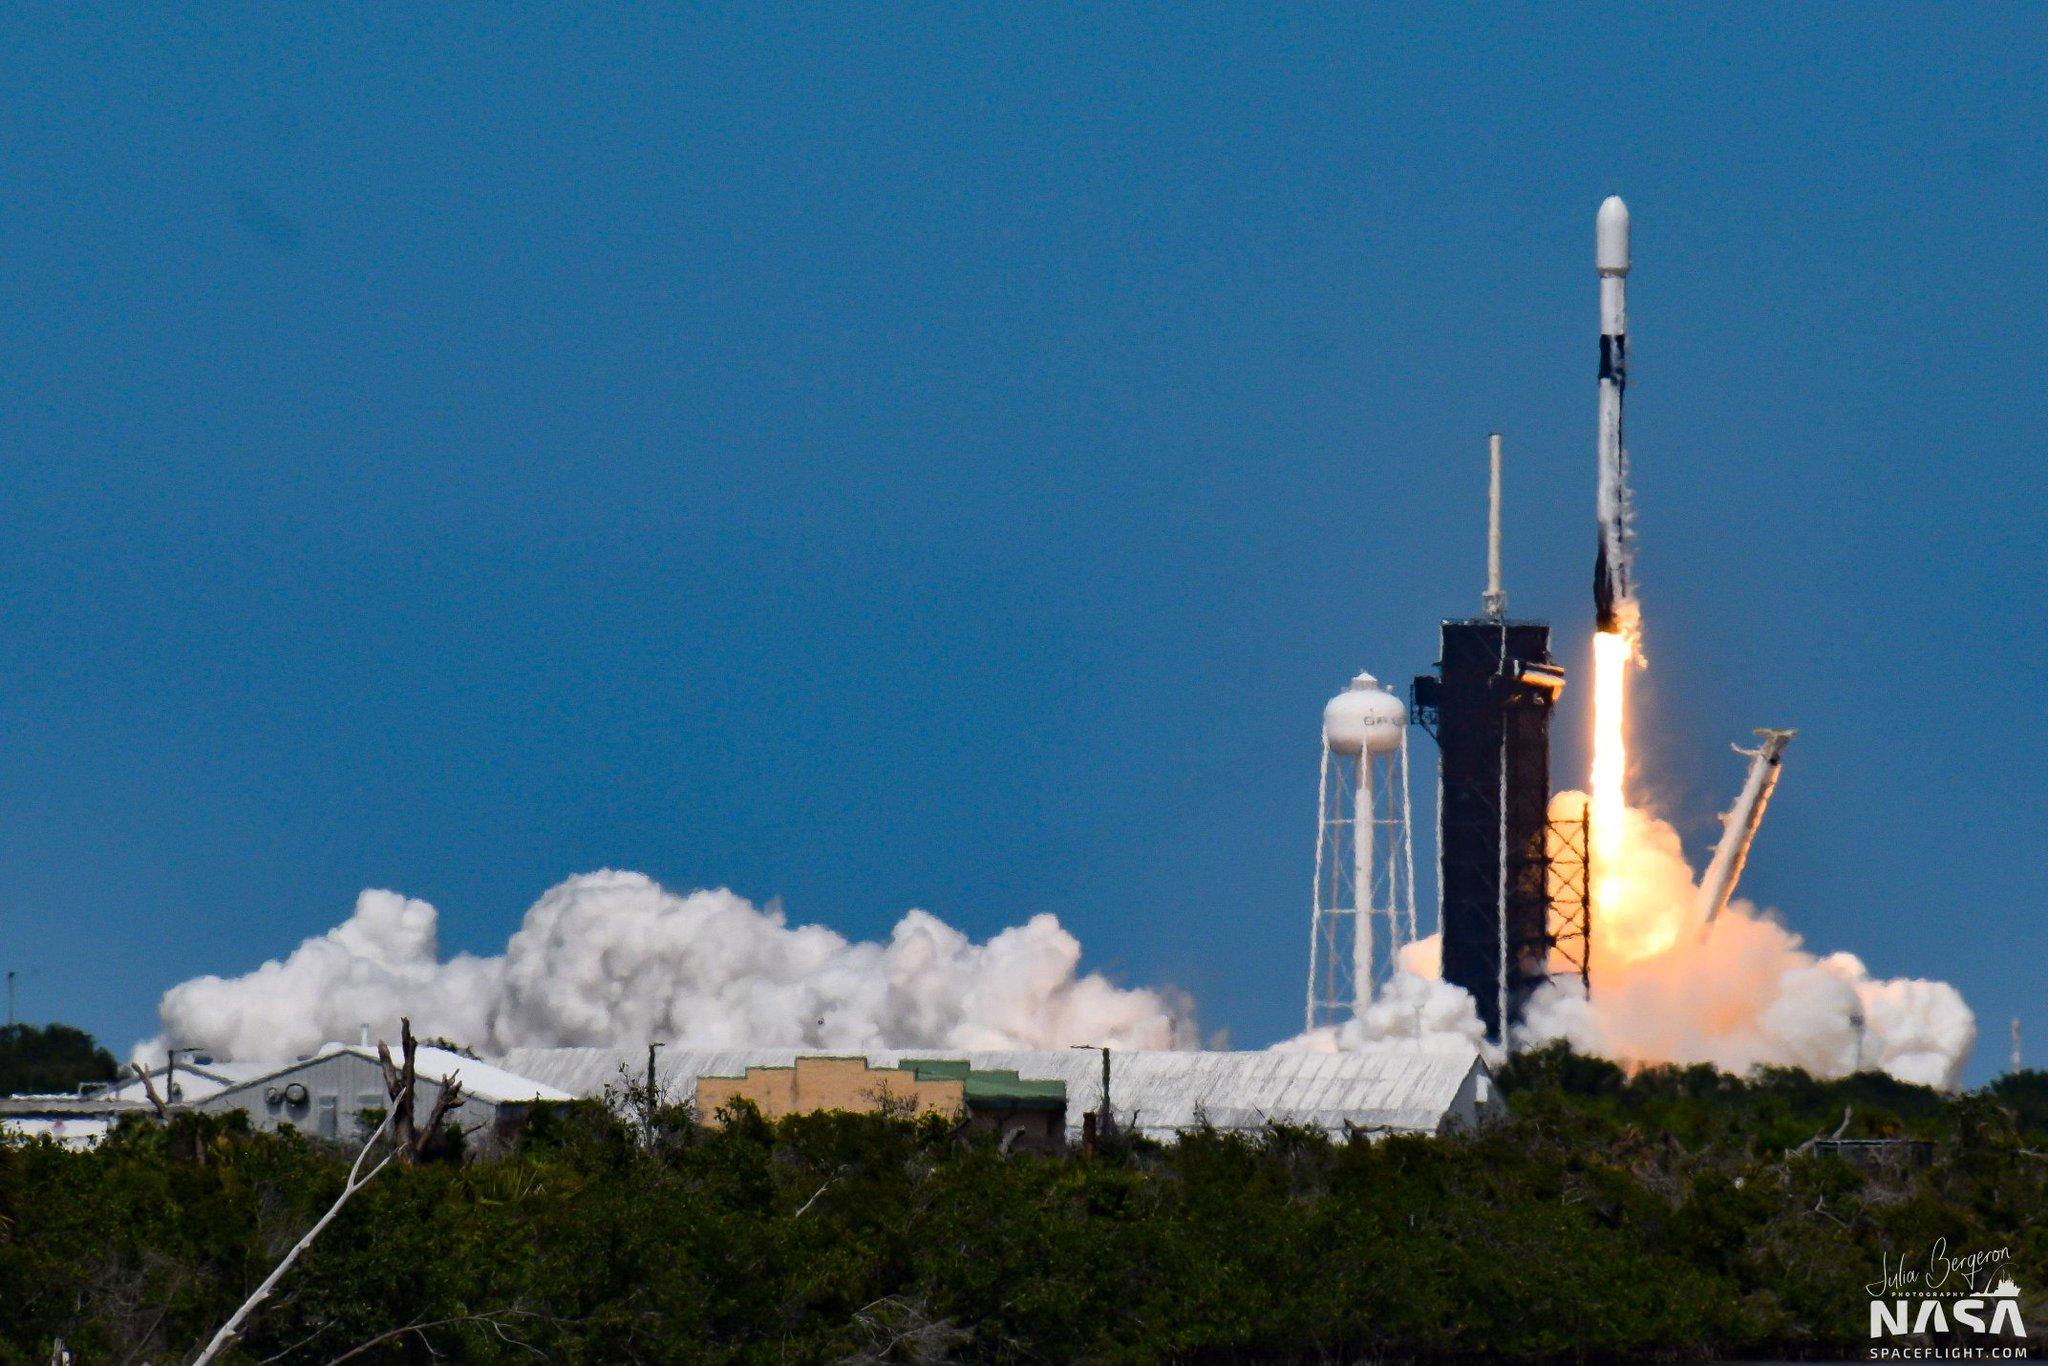 Figure 1: Lansarea rachetei Falcon 9, având la bord 60 de sateliți Starlink. Este al 4-lea zbor pentru treapta primară B1051 și al 2-lea zbor pentru conul protector al rachetei, care a mai fost folosit în misiunea AMOS-17 din august 2018. Sursa foto: Julia Bergeron